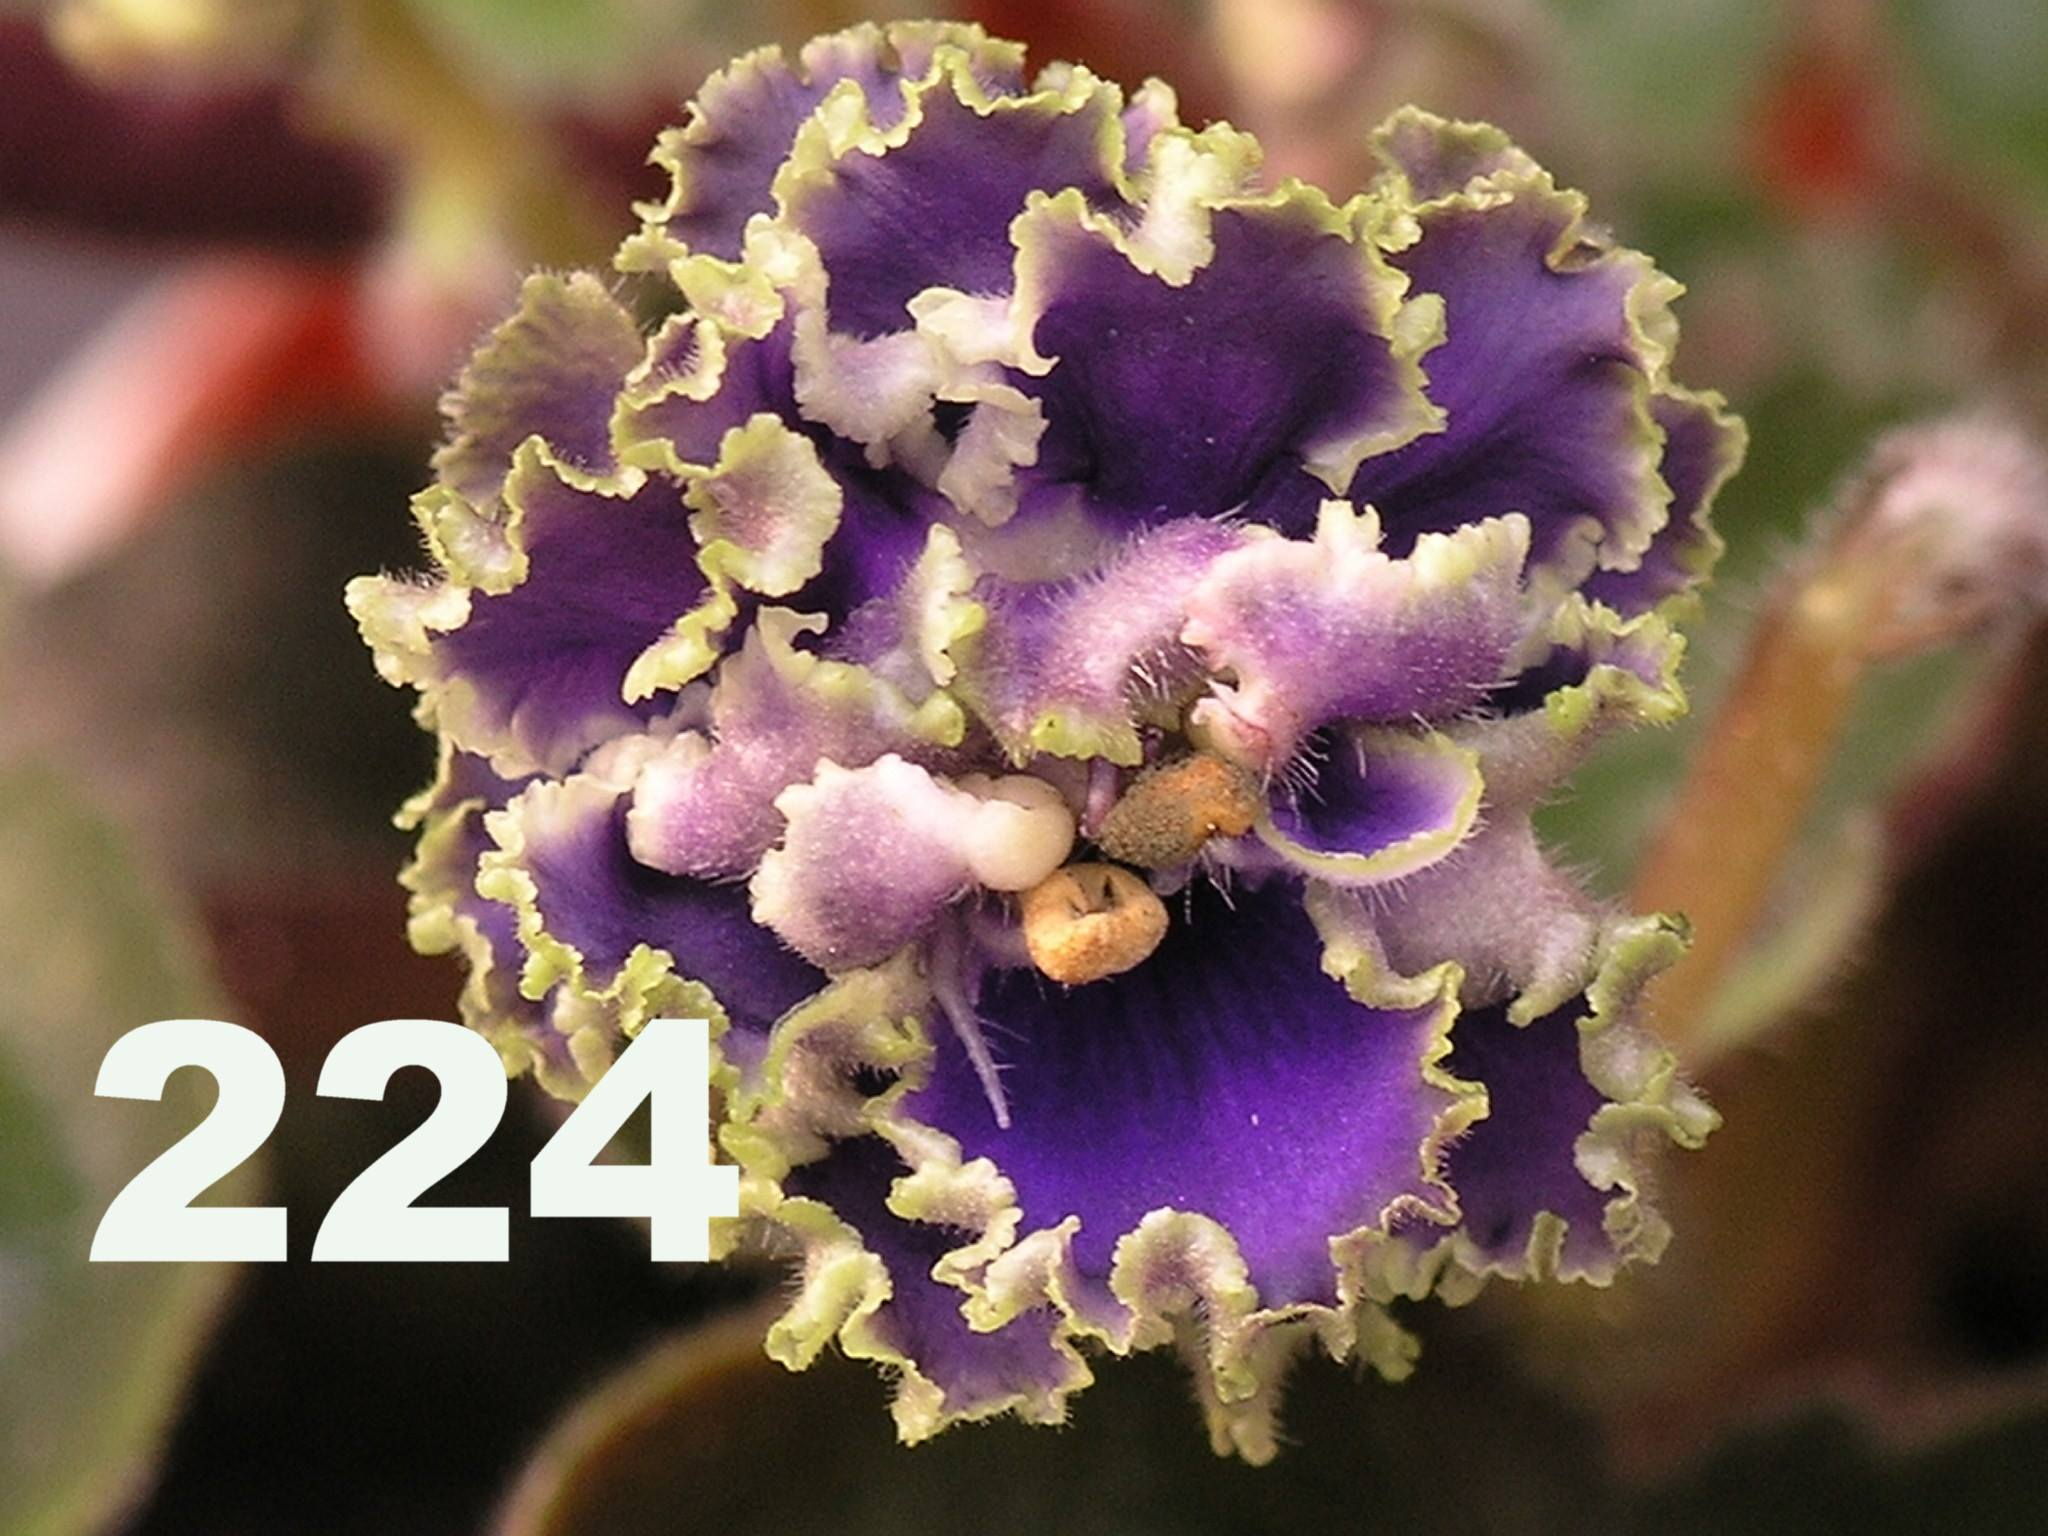 [224] Rob's Ruff Stuff 224